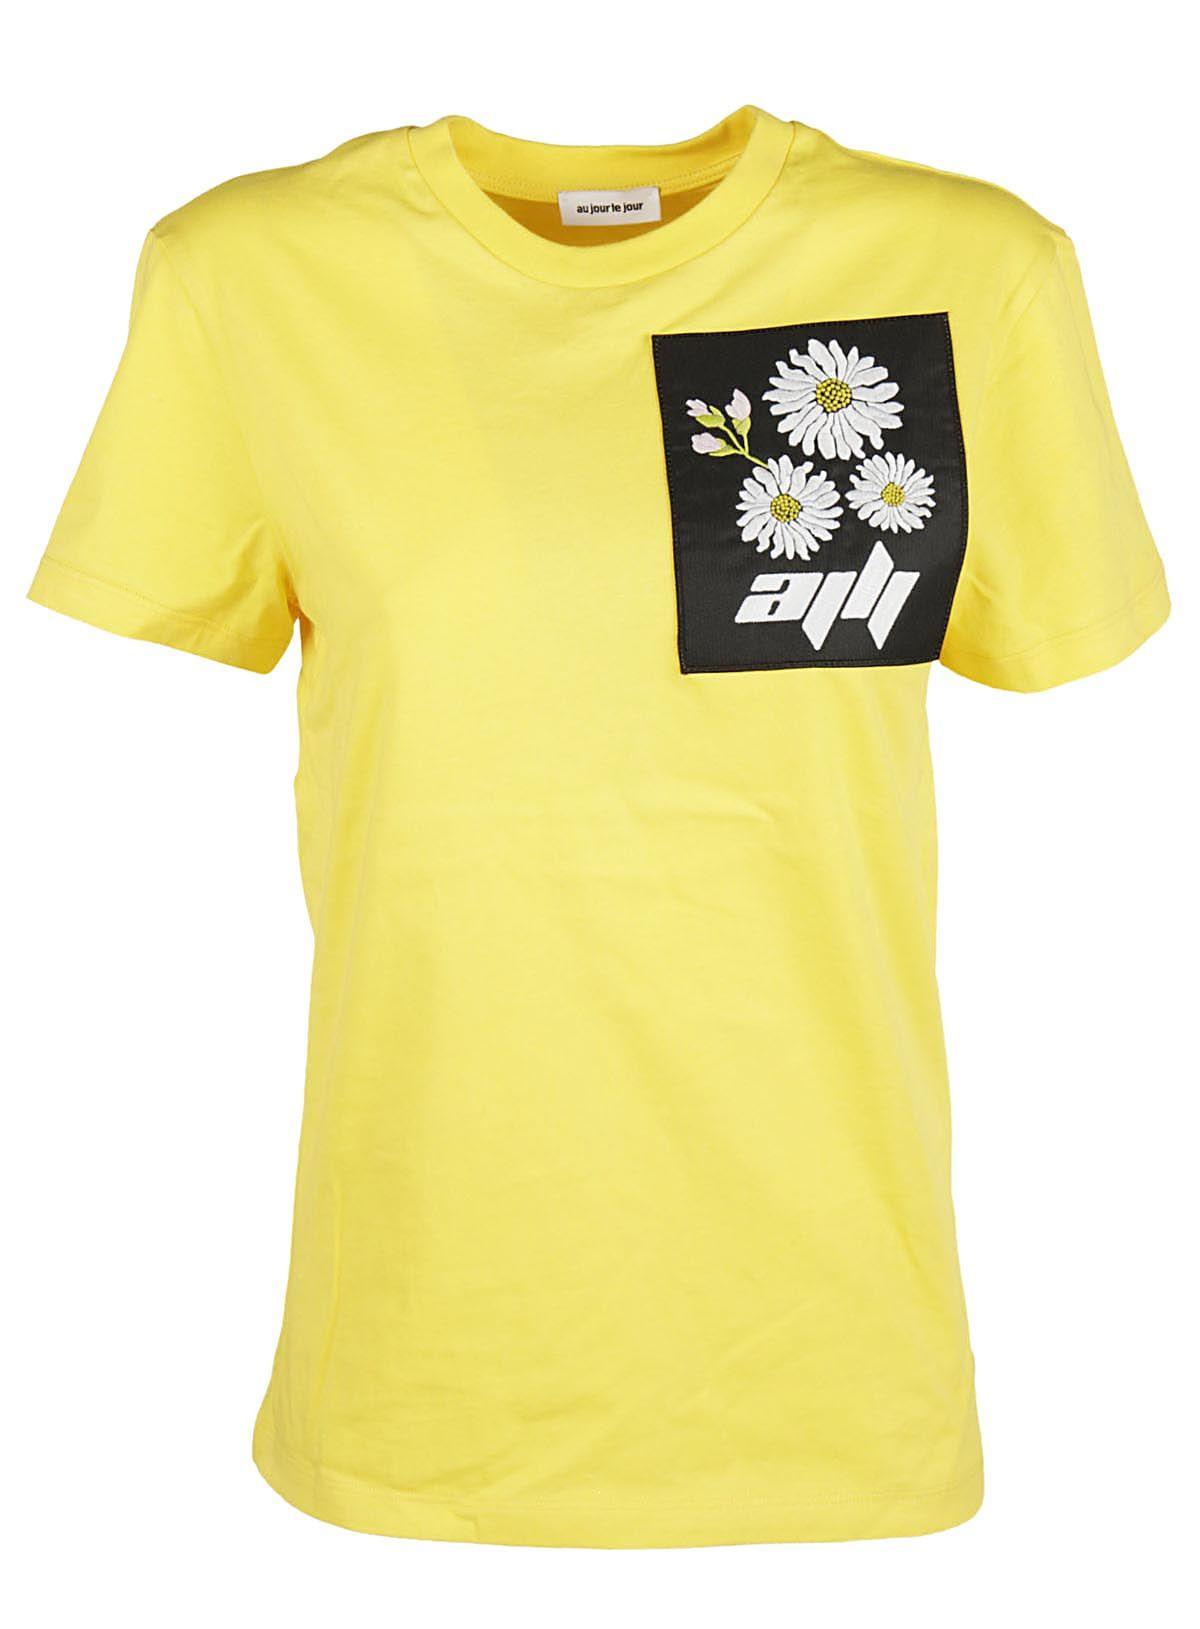 Au Jour Le Jour Au Jour Le Jour Flower Patch T-shirt